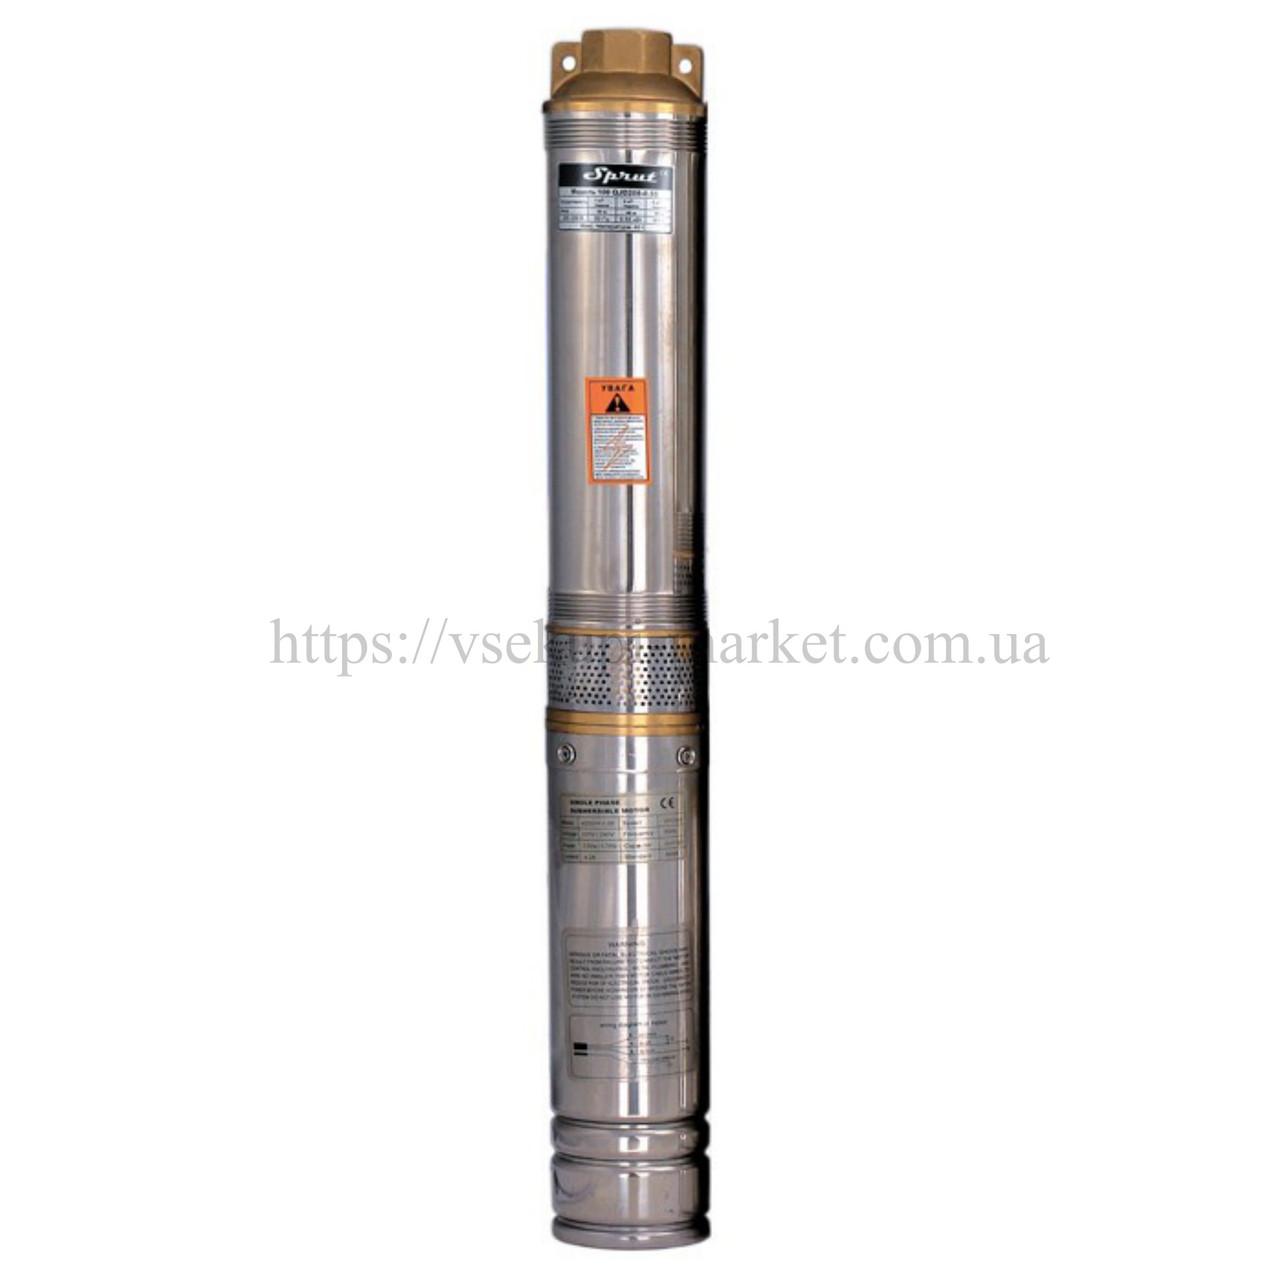 Скважинный насос SPRUT 100QJD 505-0.75